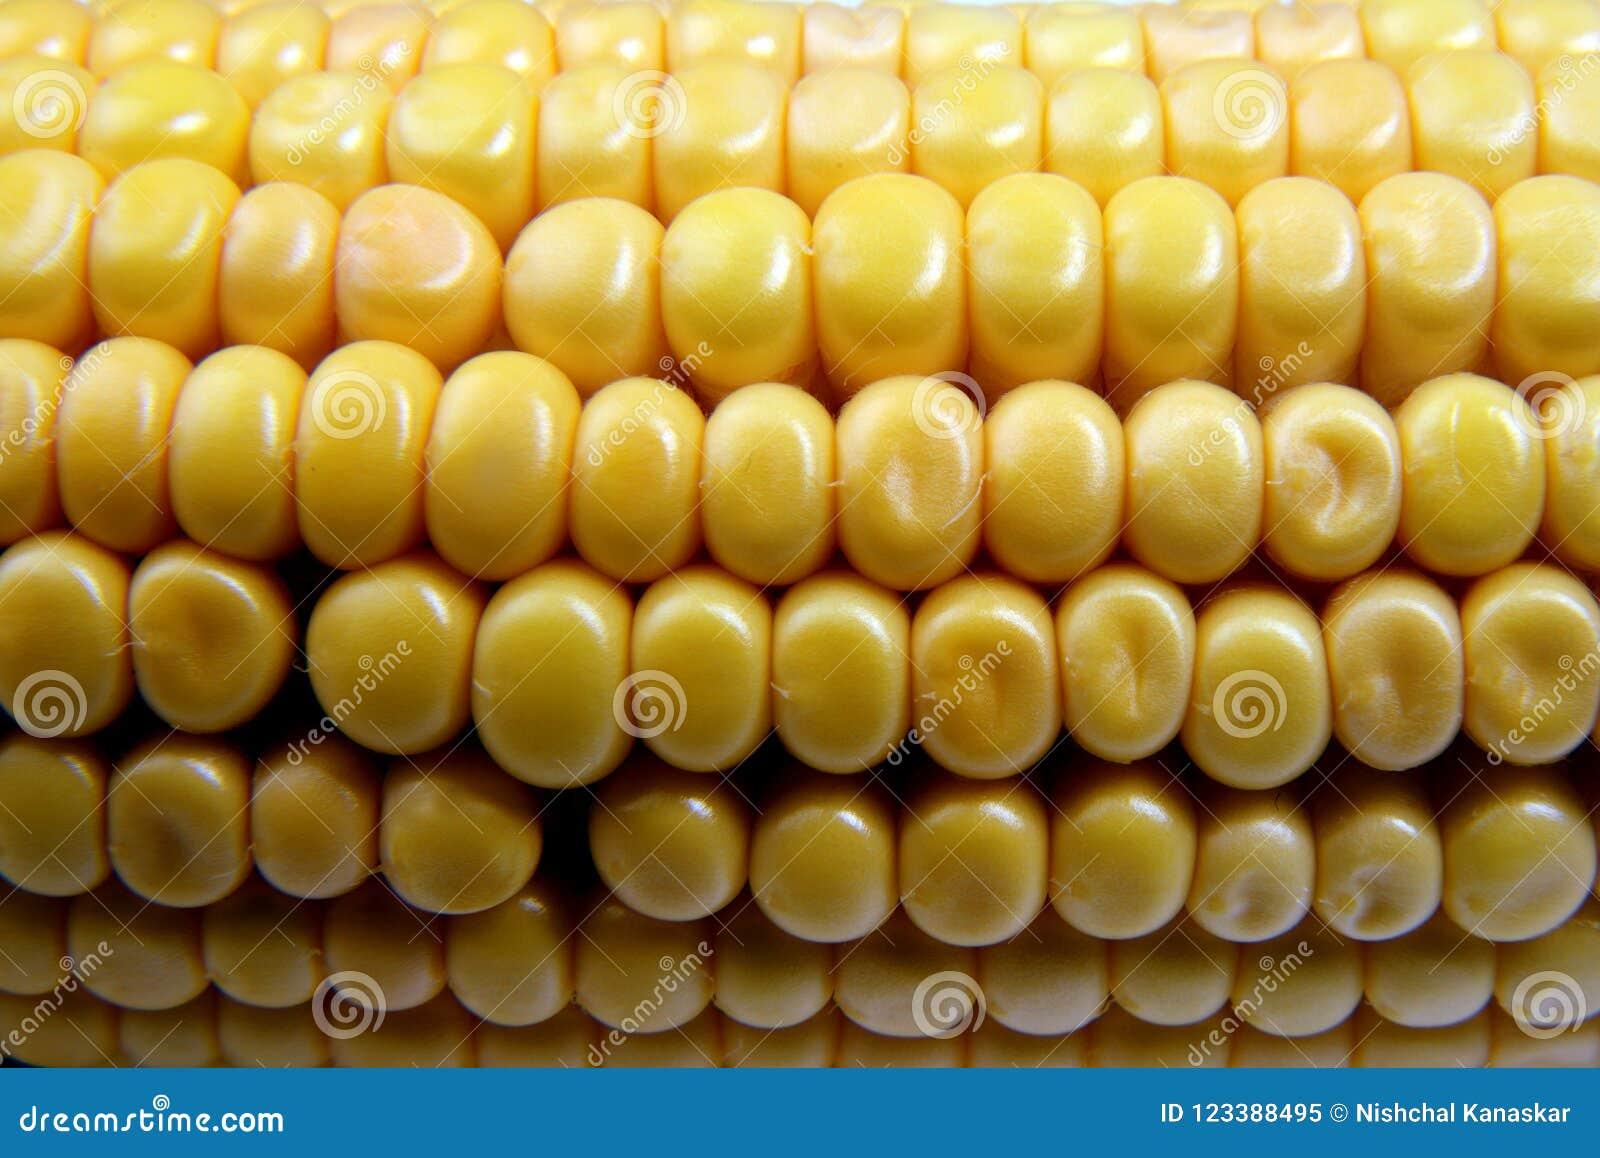 Orelha de milho, close up com espaço para a cópia